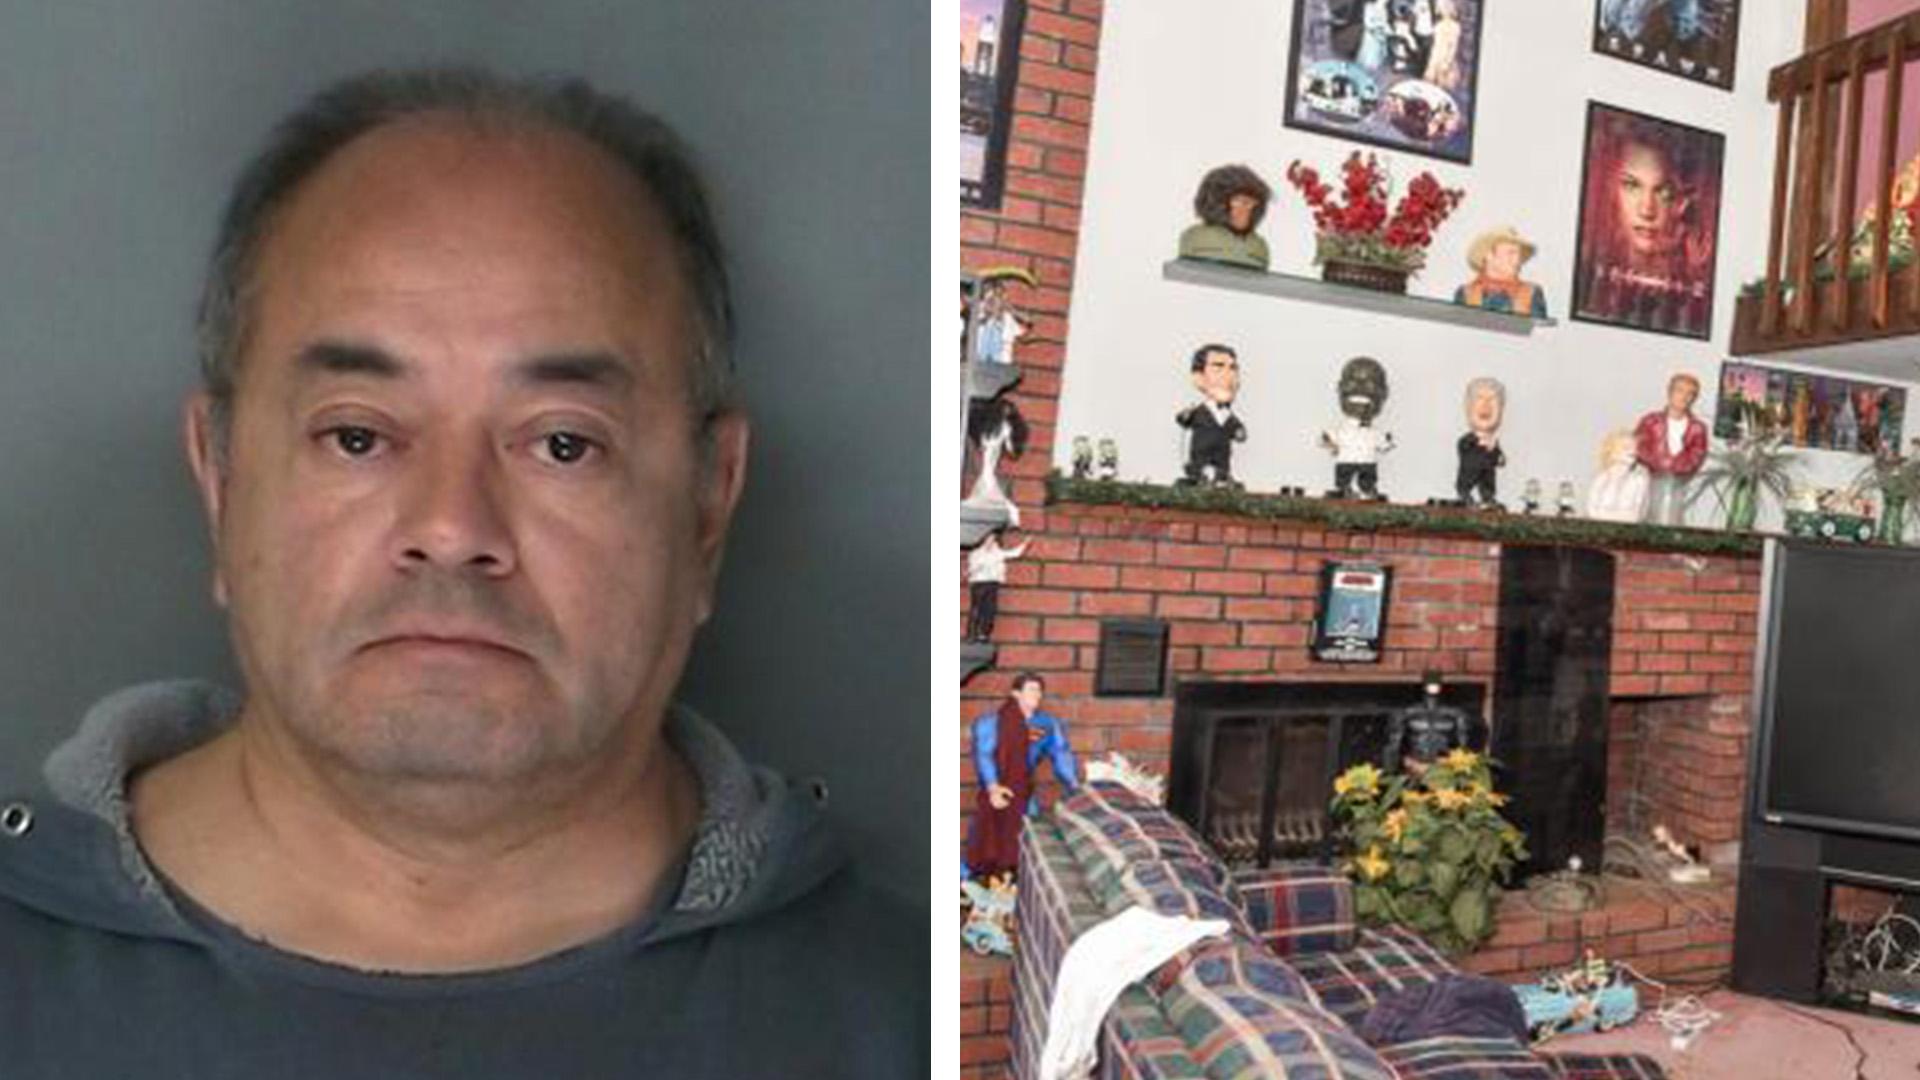 A Look Inside The Home Of A Pedophile Foster Parent Cesar Gonzales-Mugaburu